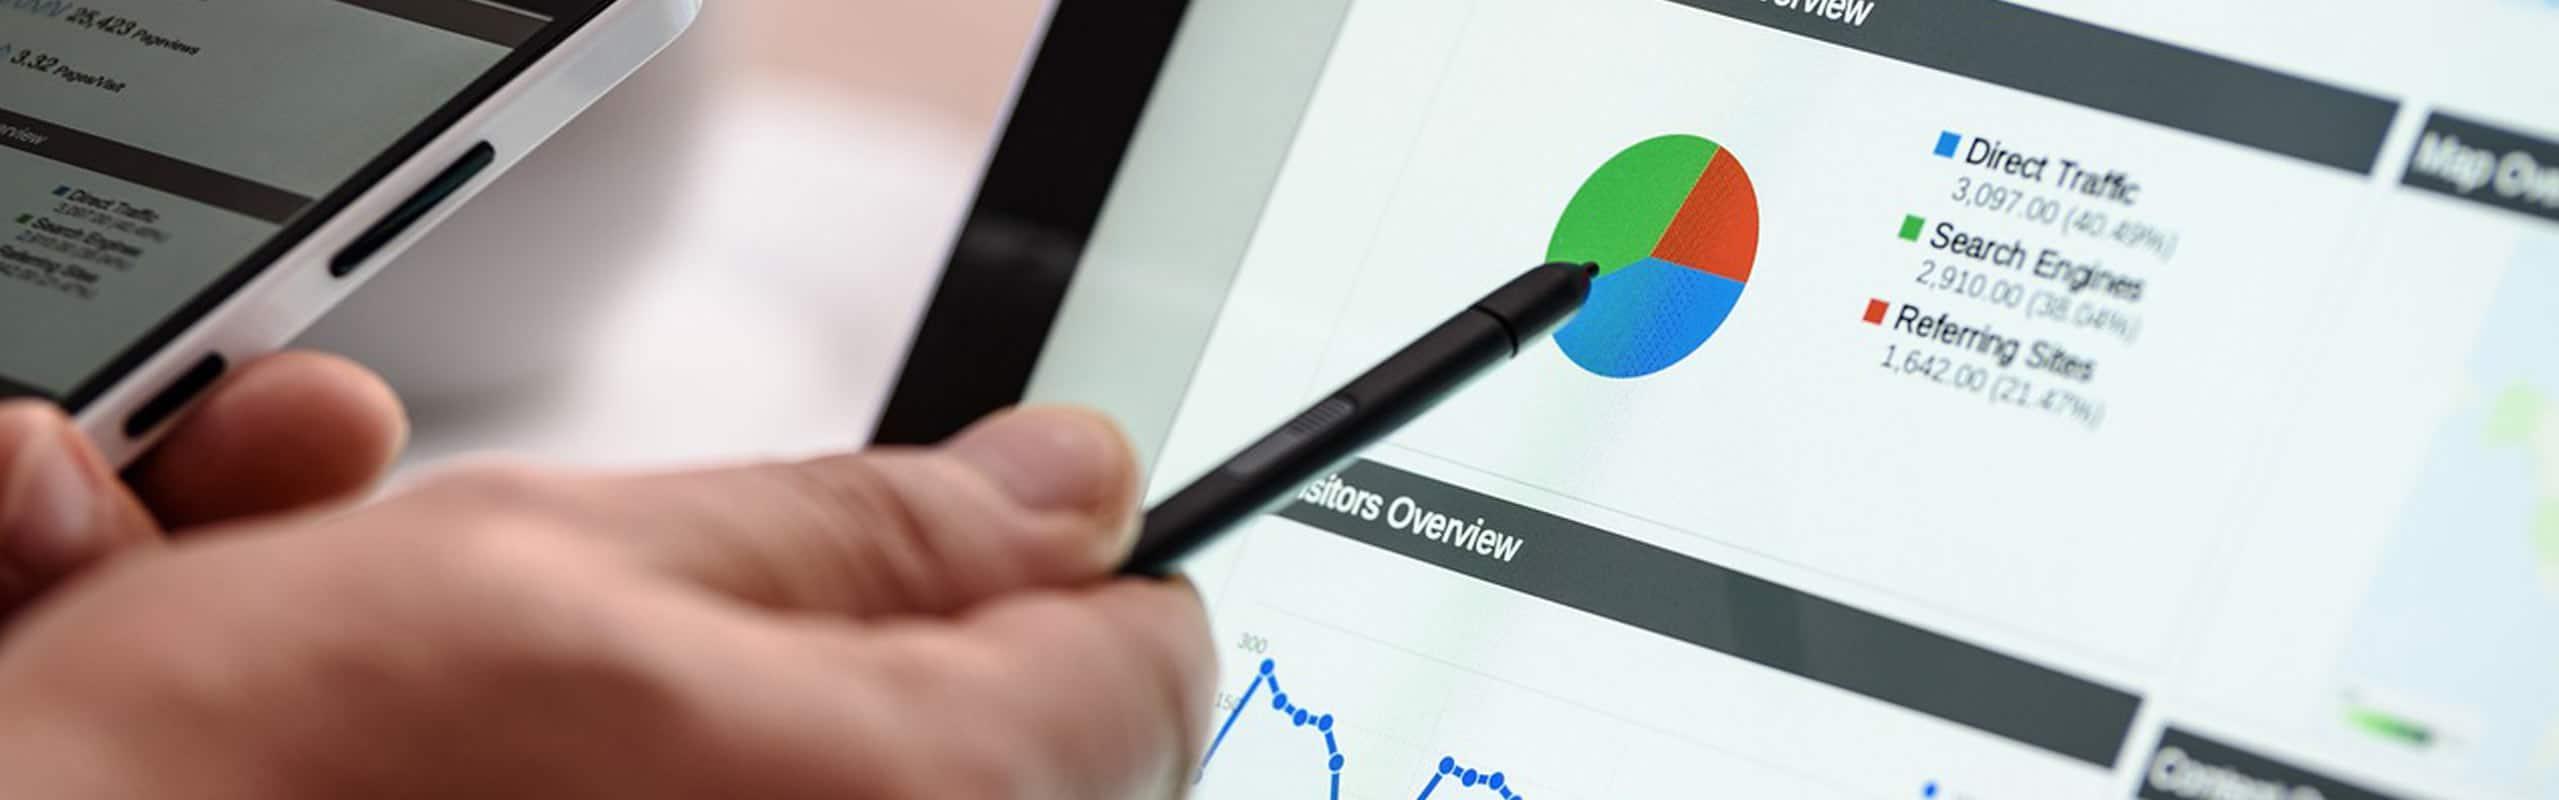 Descubre qué es la analítica web y sus ventajas